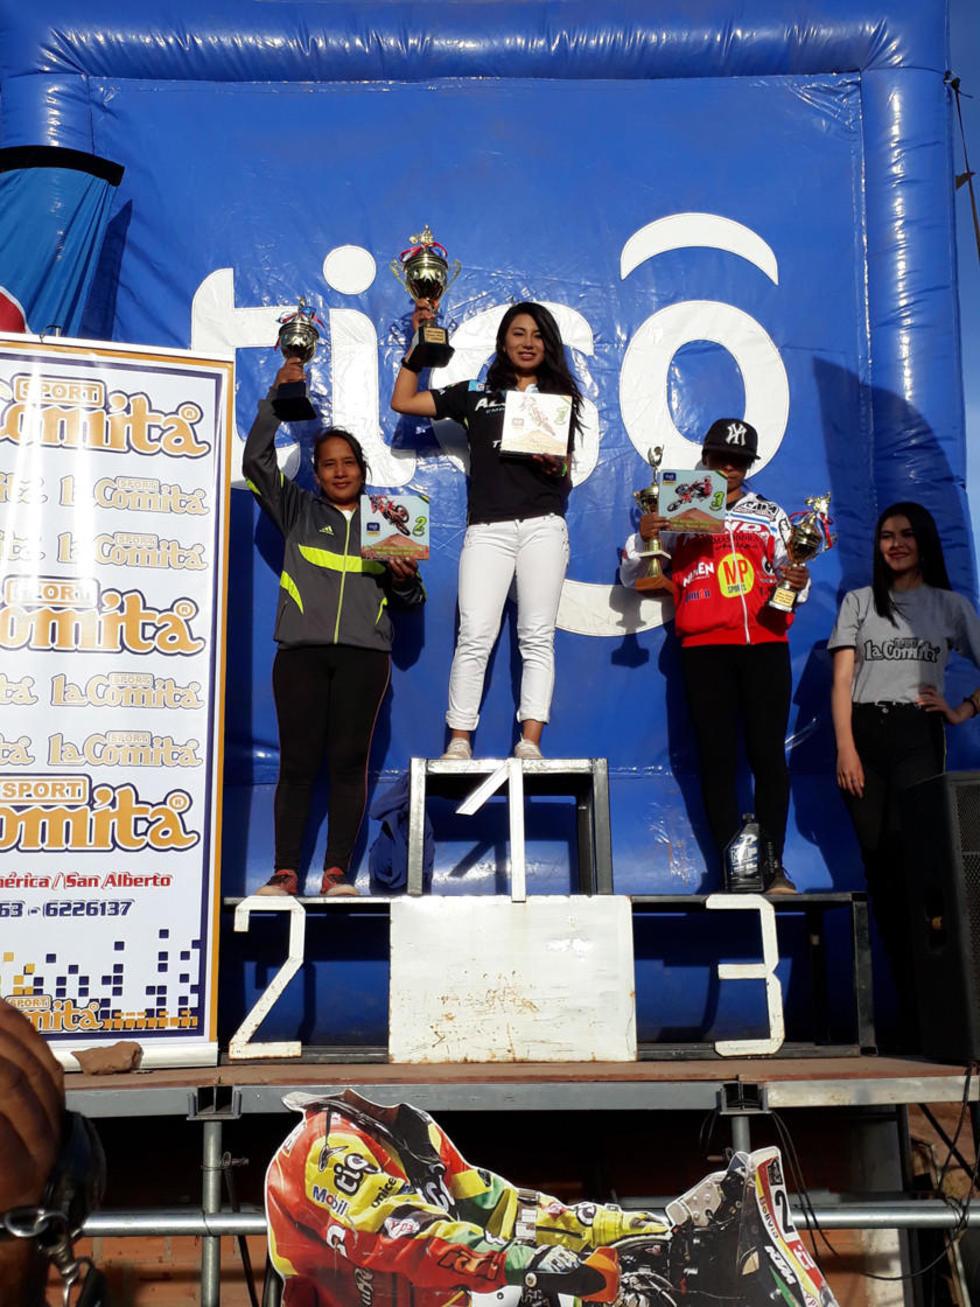 Jhovana Tolavi, Sheila Sejas y Celinda Cutipa en el podio de la categoría Damas.